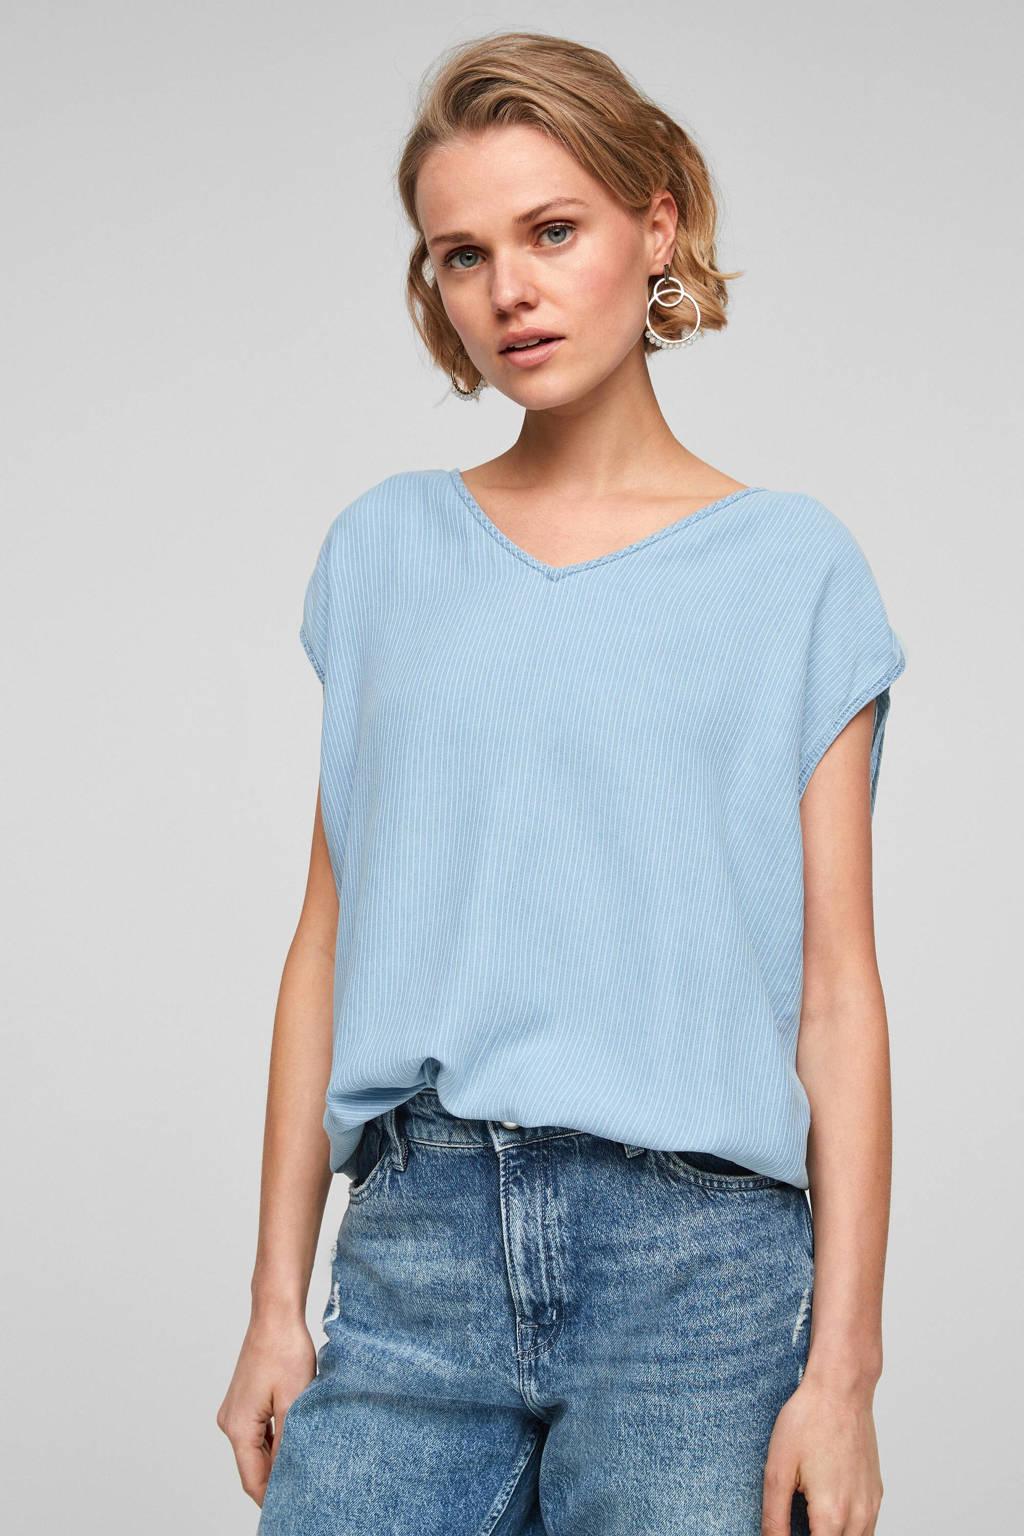 s.Oliver geweven blousetop in streep lichtblauw/wit, Lichtblauw